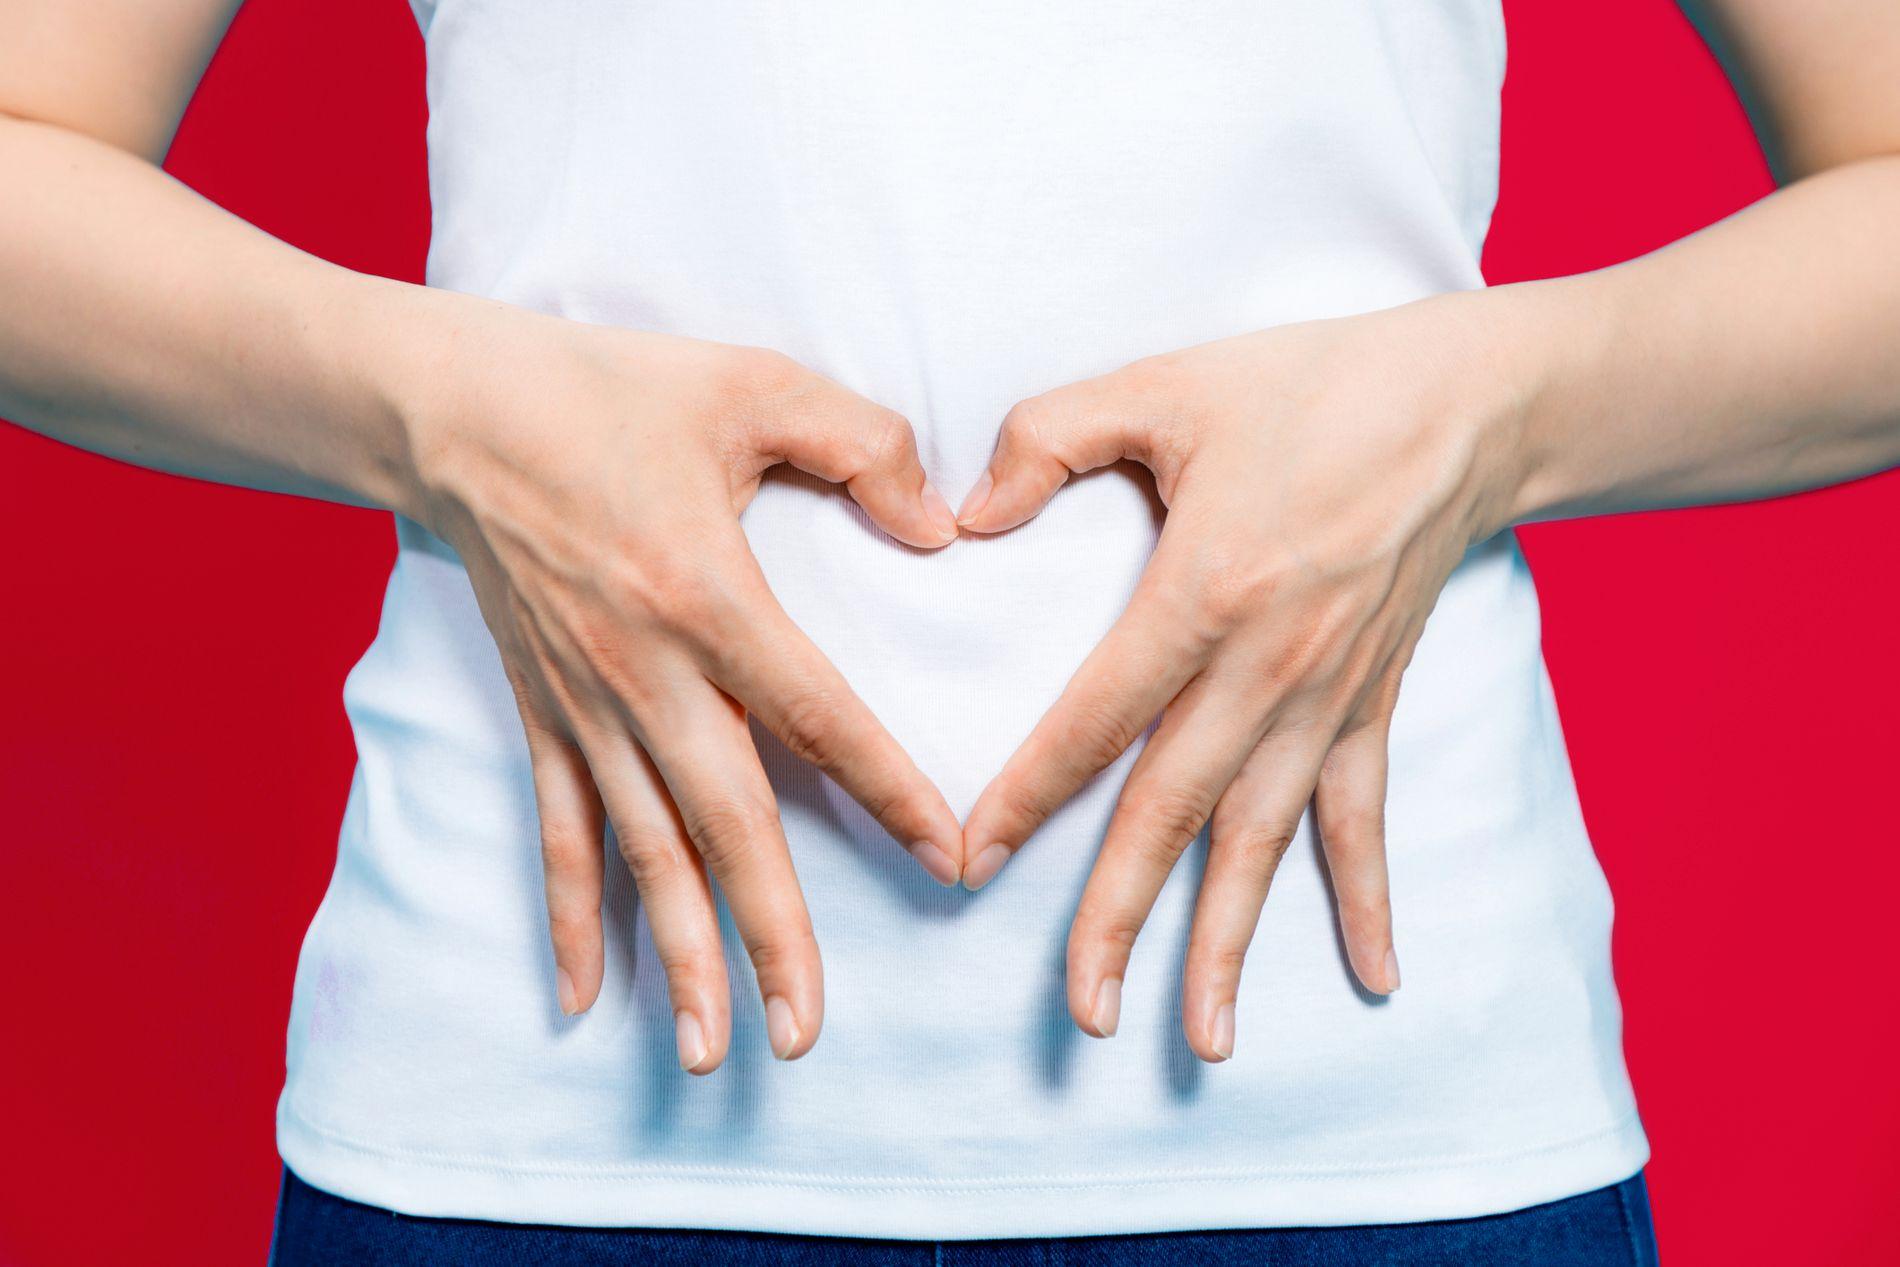 NY TREND: Forskning viser at det er effektivt å veksle mellom å spise og å faste når man skal ned i vekt. Det har også en positiv effekt på blodtrykk og blodsukker.